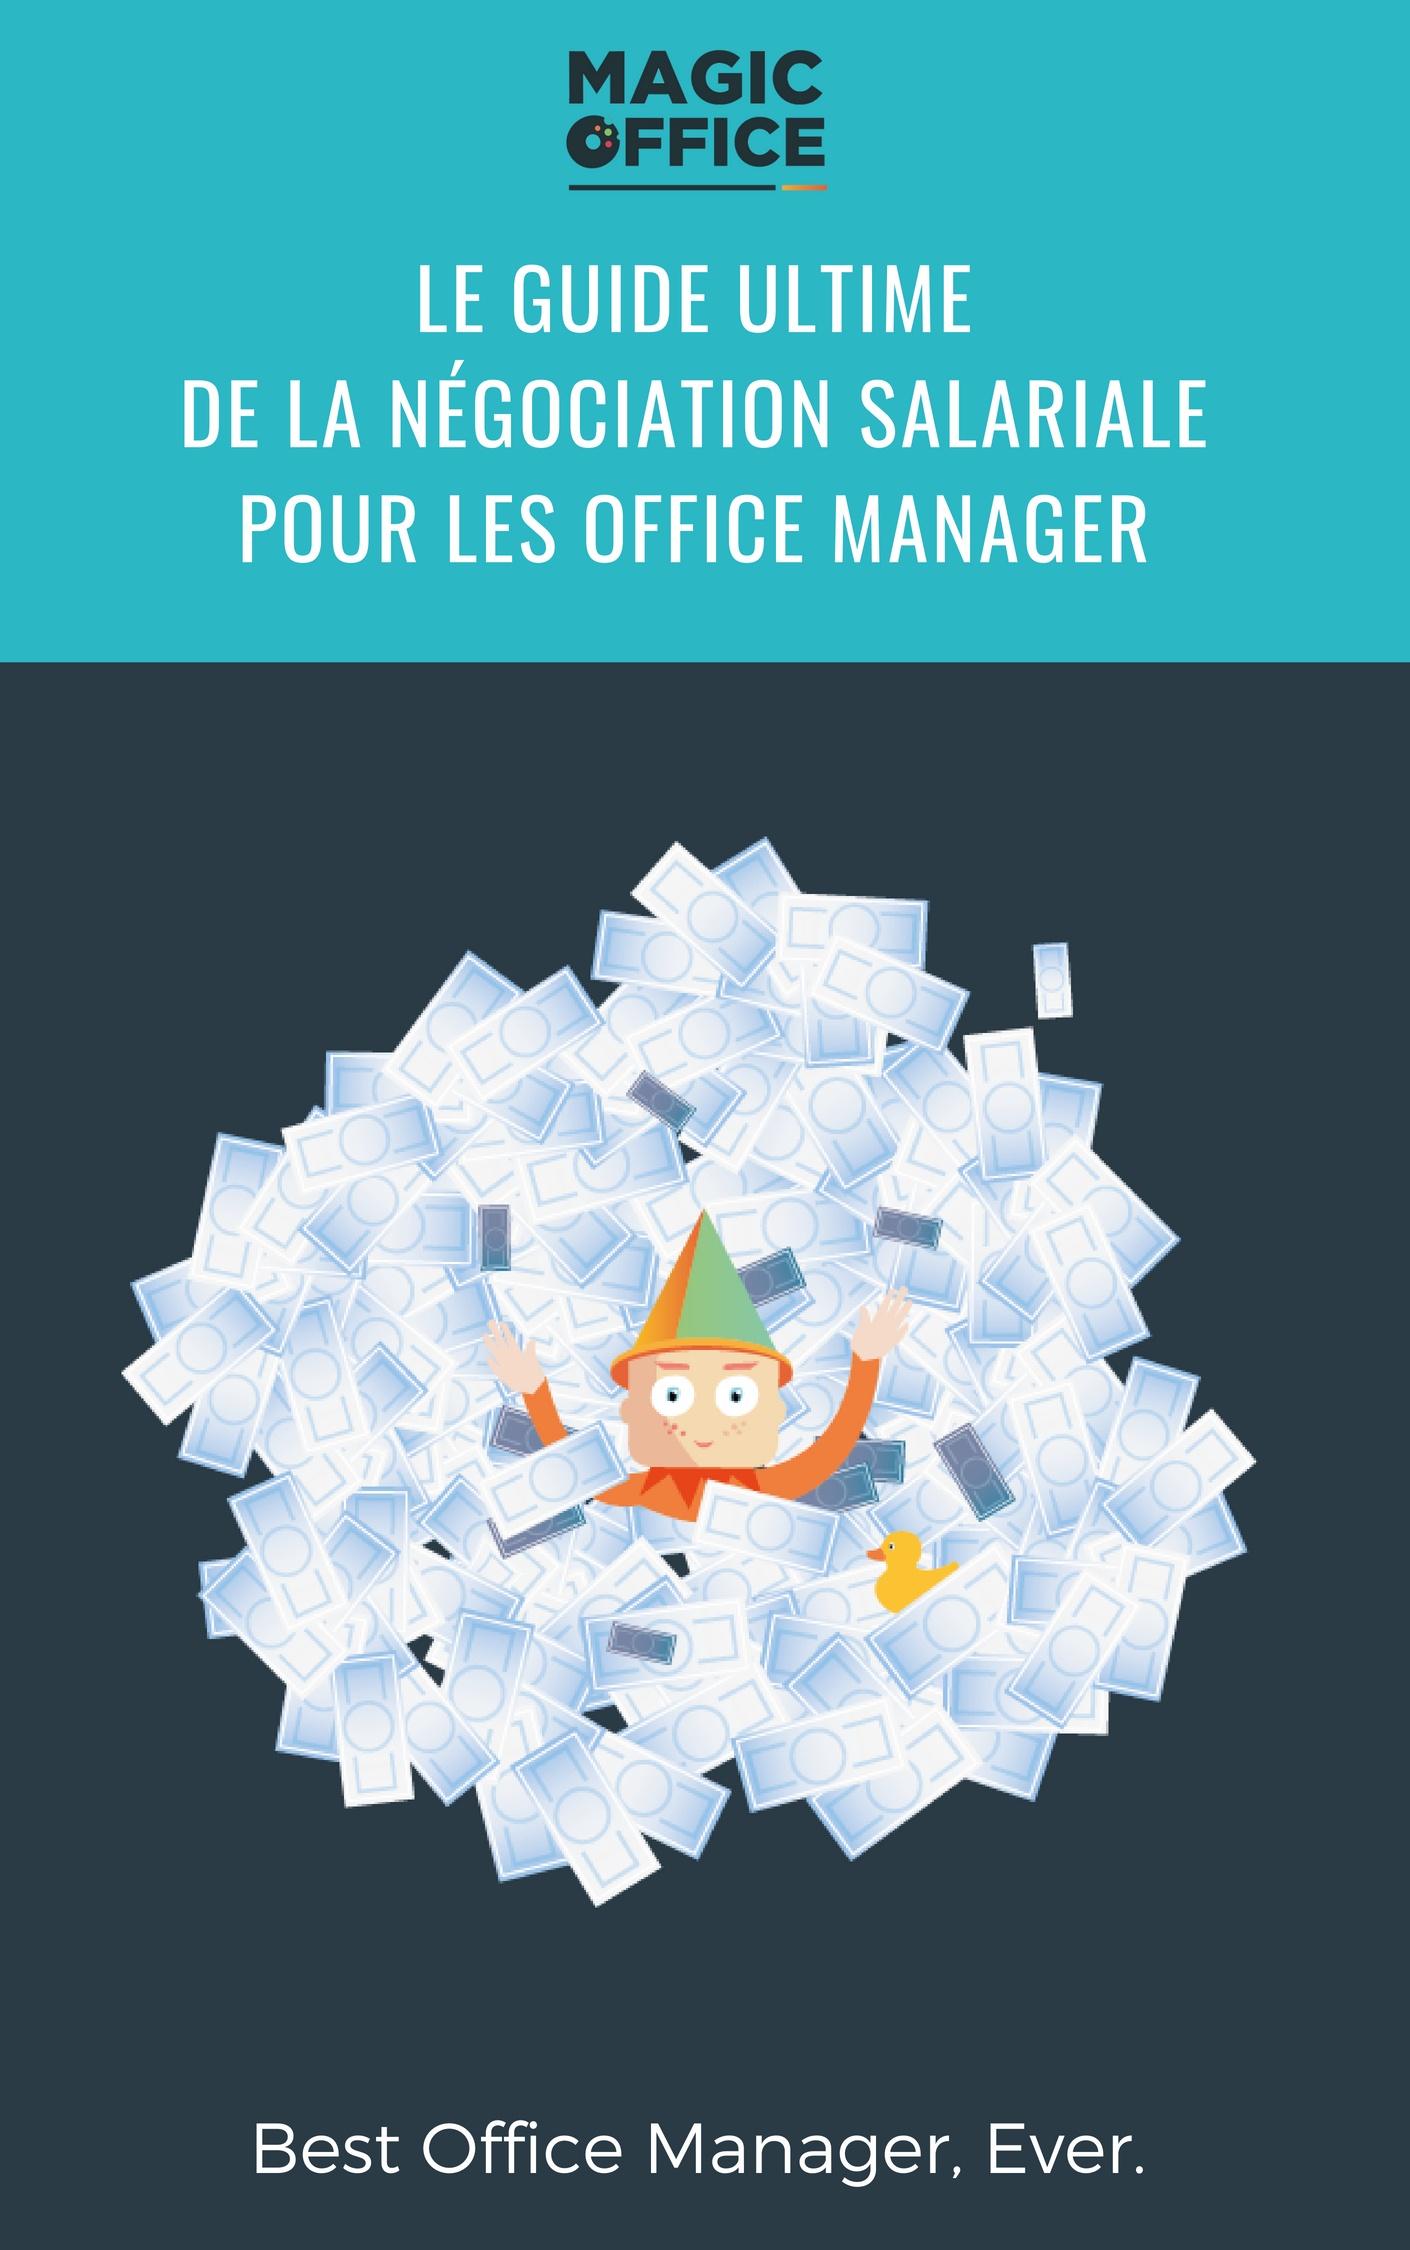 Le guide ULTIME de la négociation salariale pour les office manager